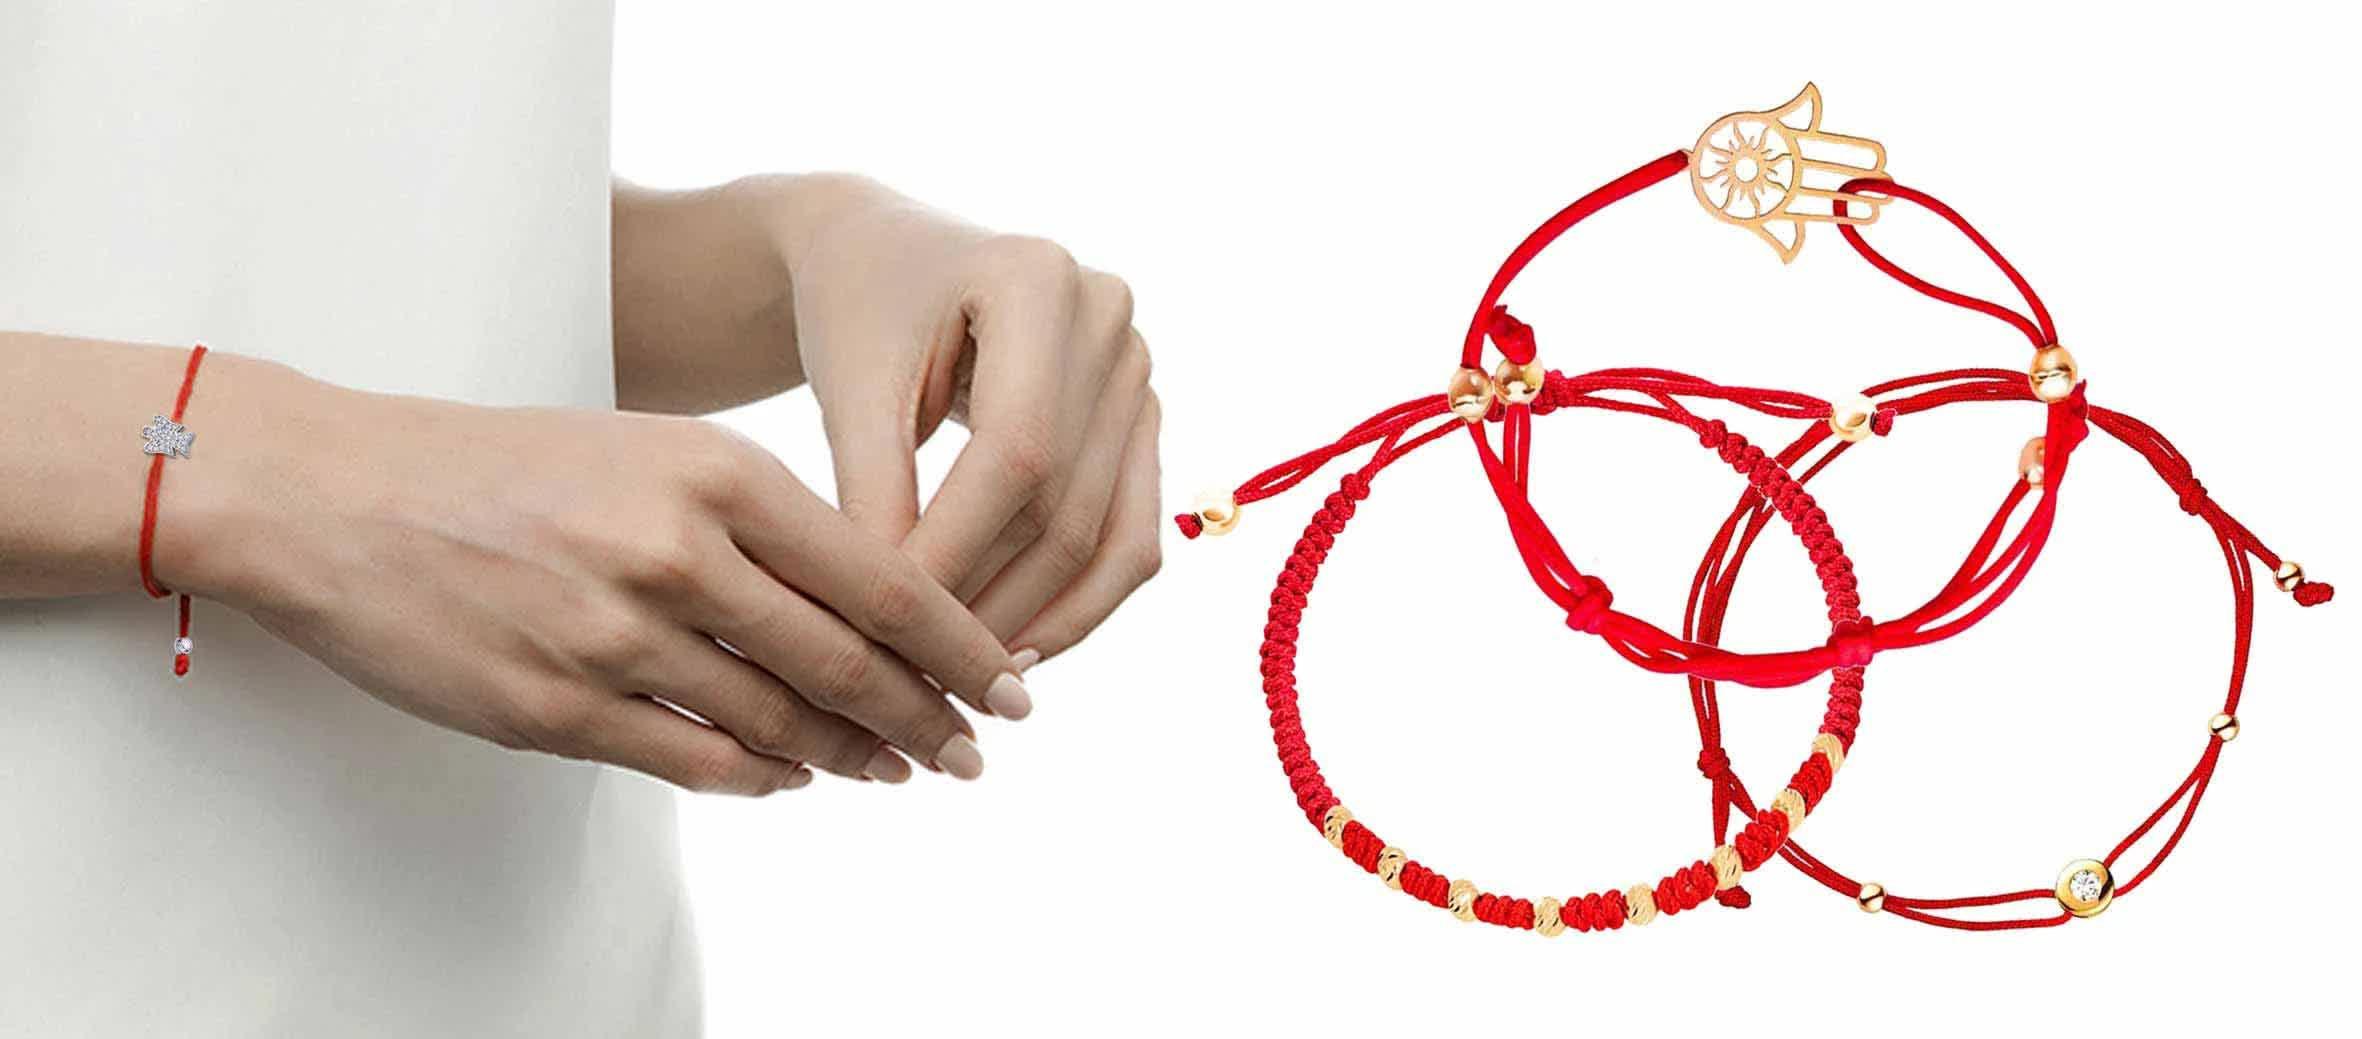 Червона нитка з золотими вставками і срібними вставками, на руку.